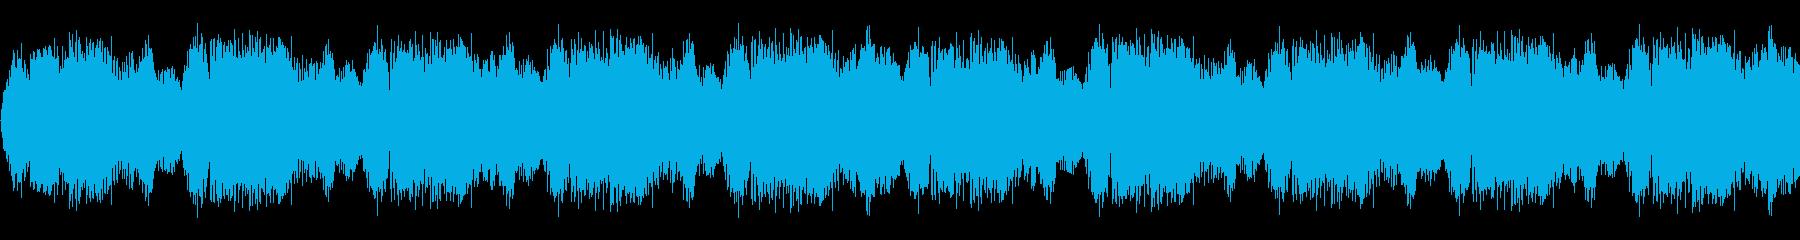 チャイコフスキー 緊急事態 ループの再生済みの波形